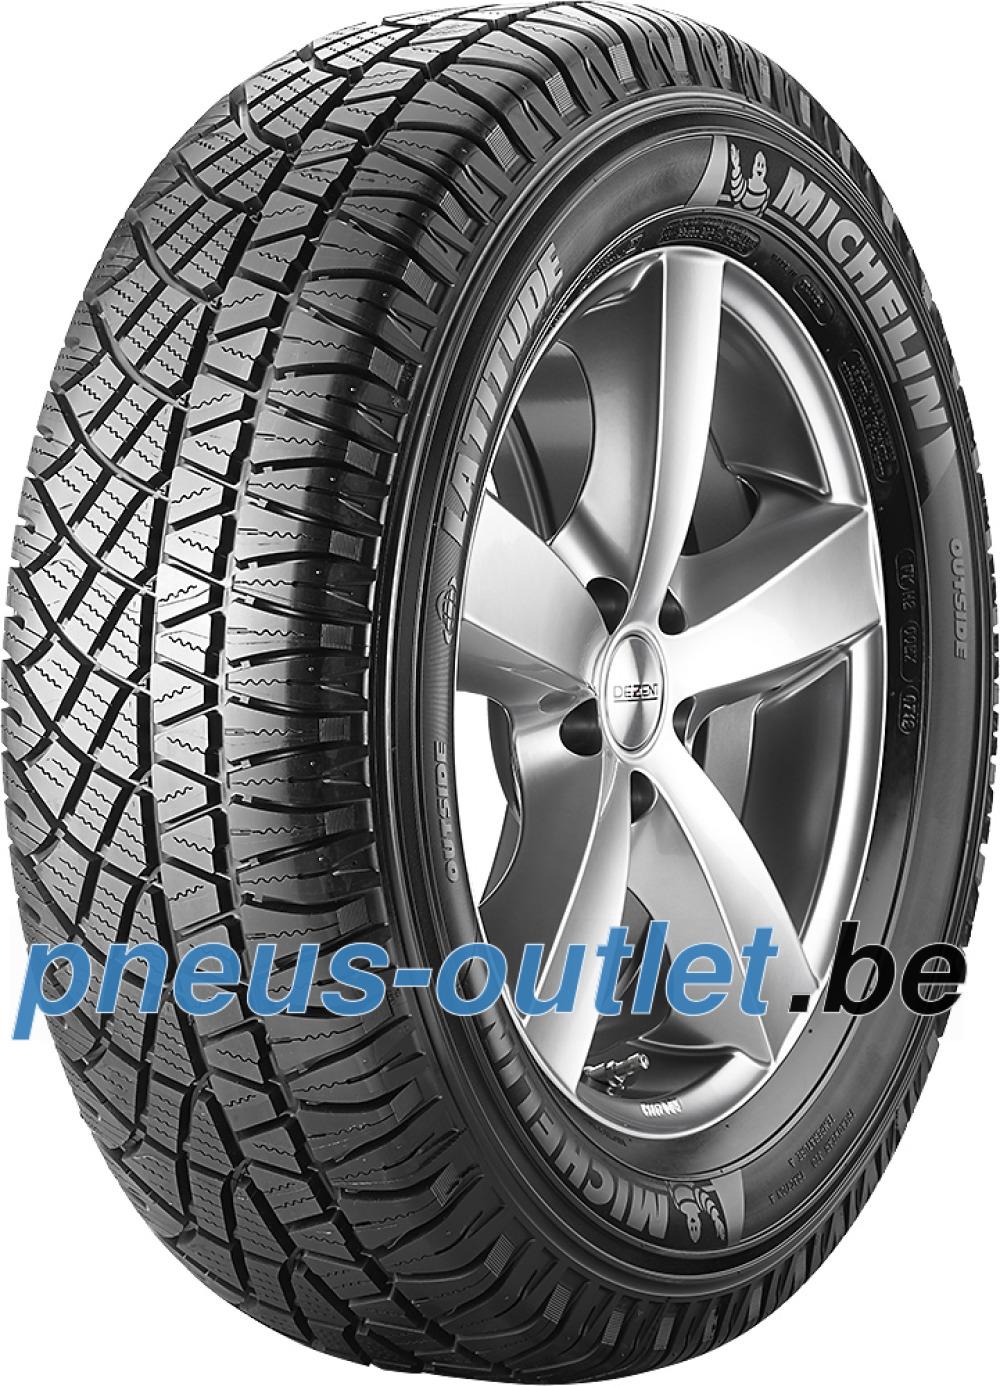 Michelin Latitude Cross ( 195/80 R15 96T )